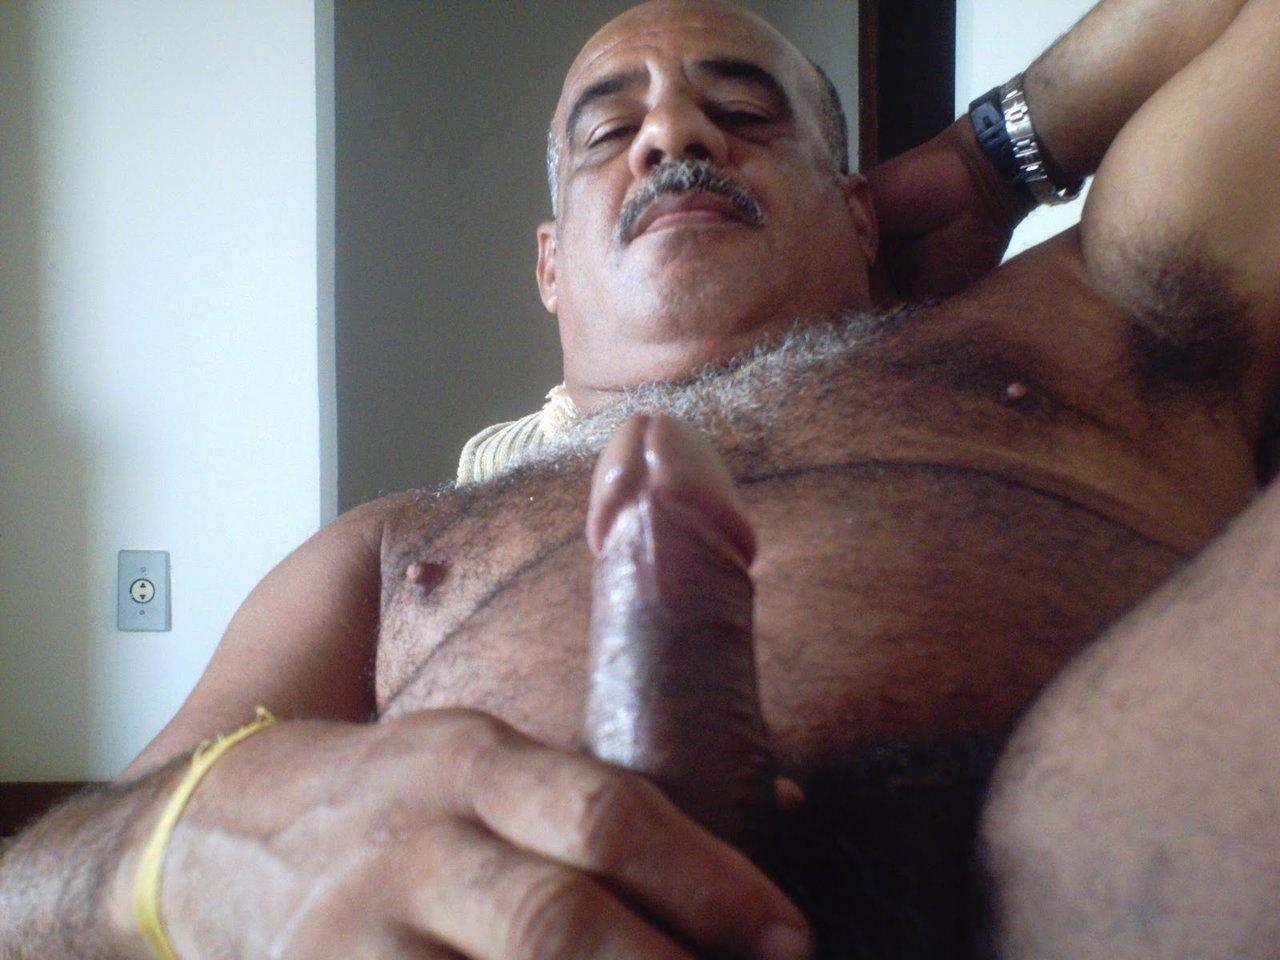 Hot old men nude wallpaper xxx photos